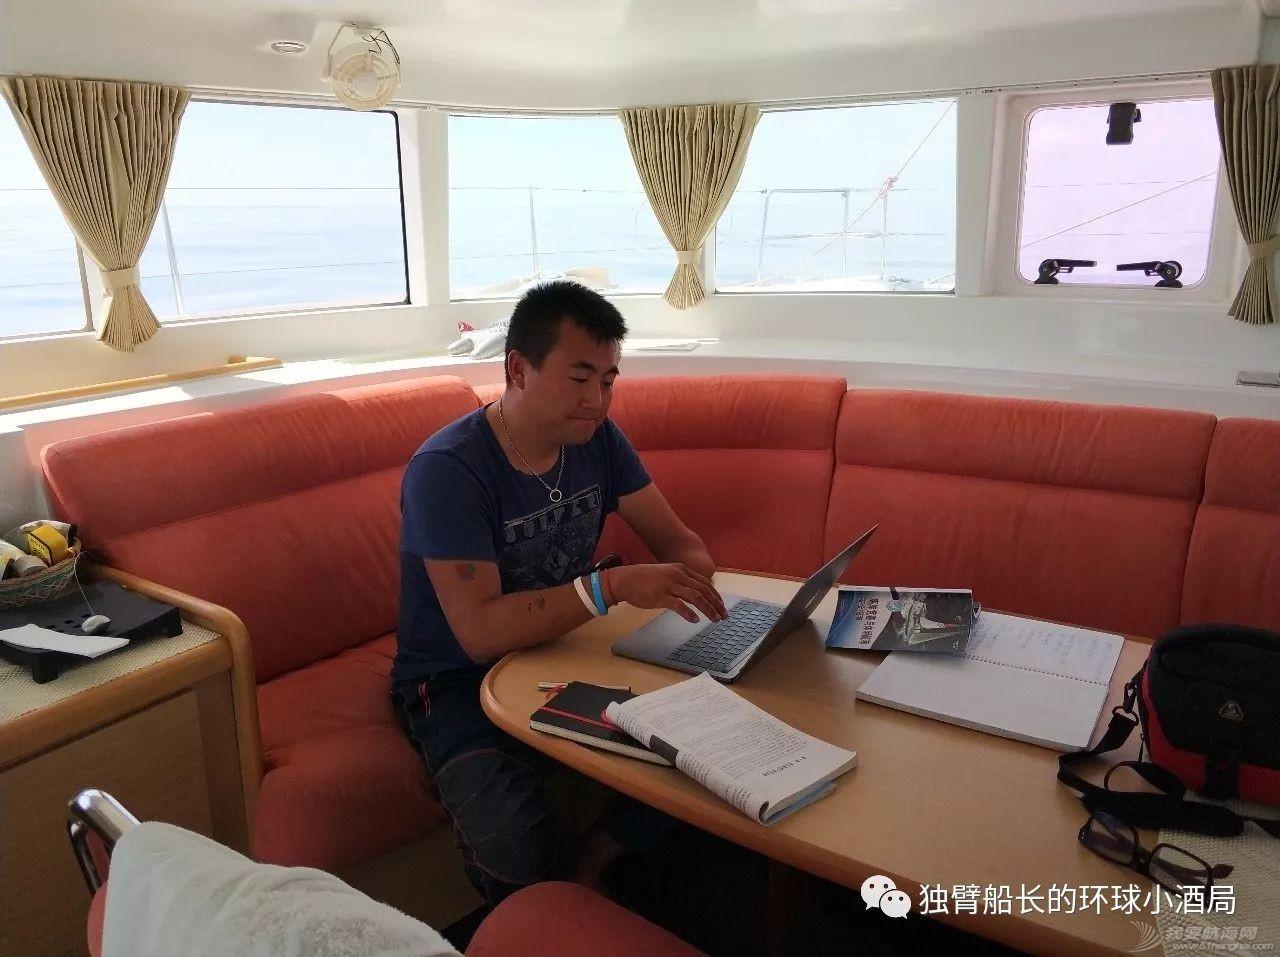 【梦想号环球航海课堂】环球航海不可不知的安全设备w6.jpg